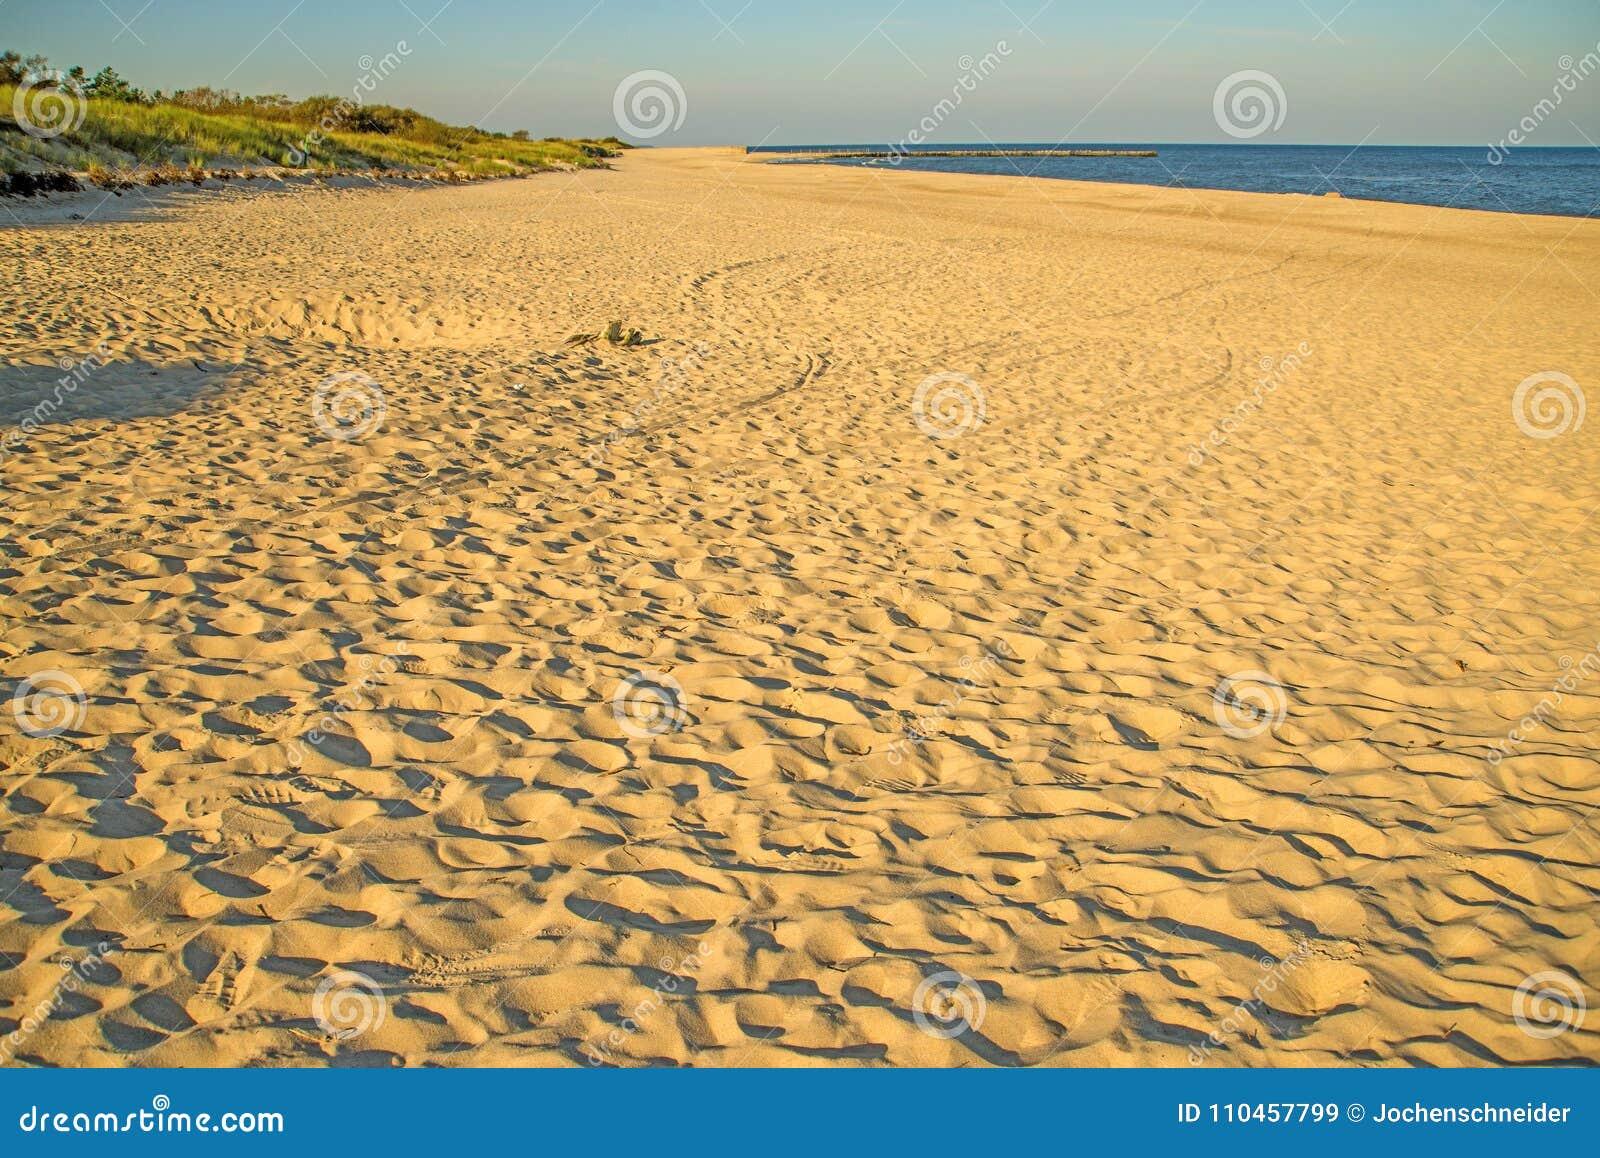 Ensam strand av Östersjön